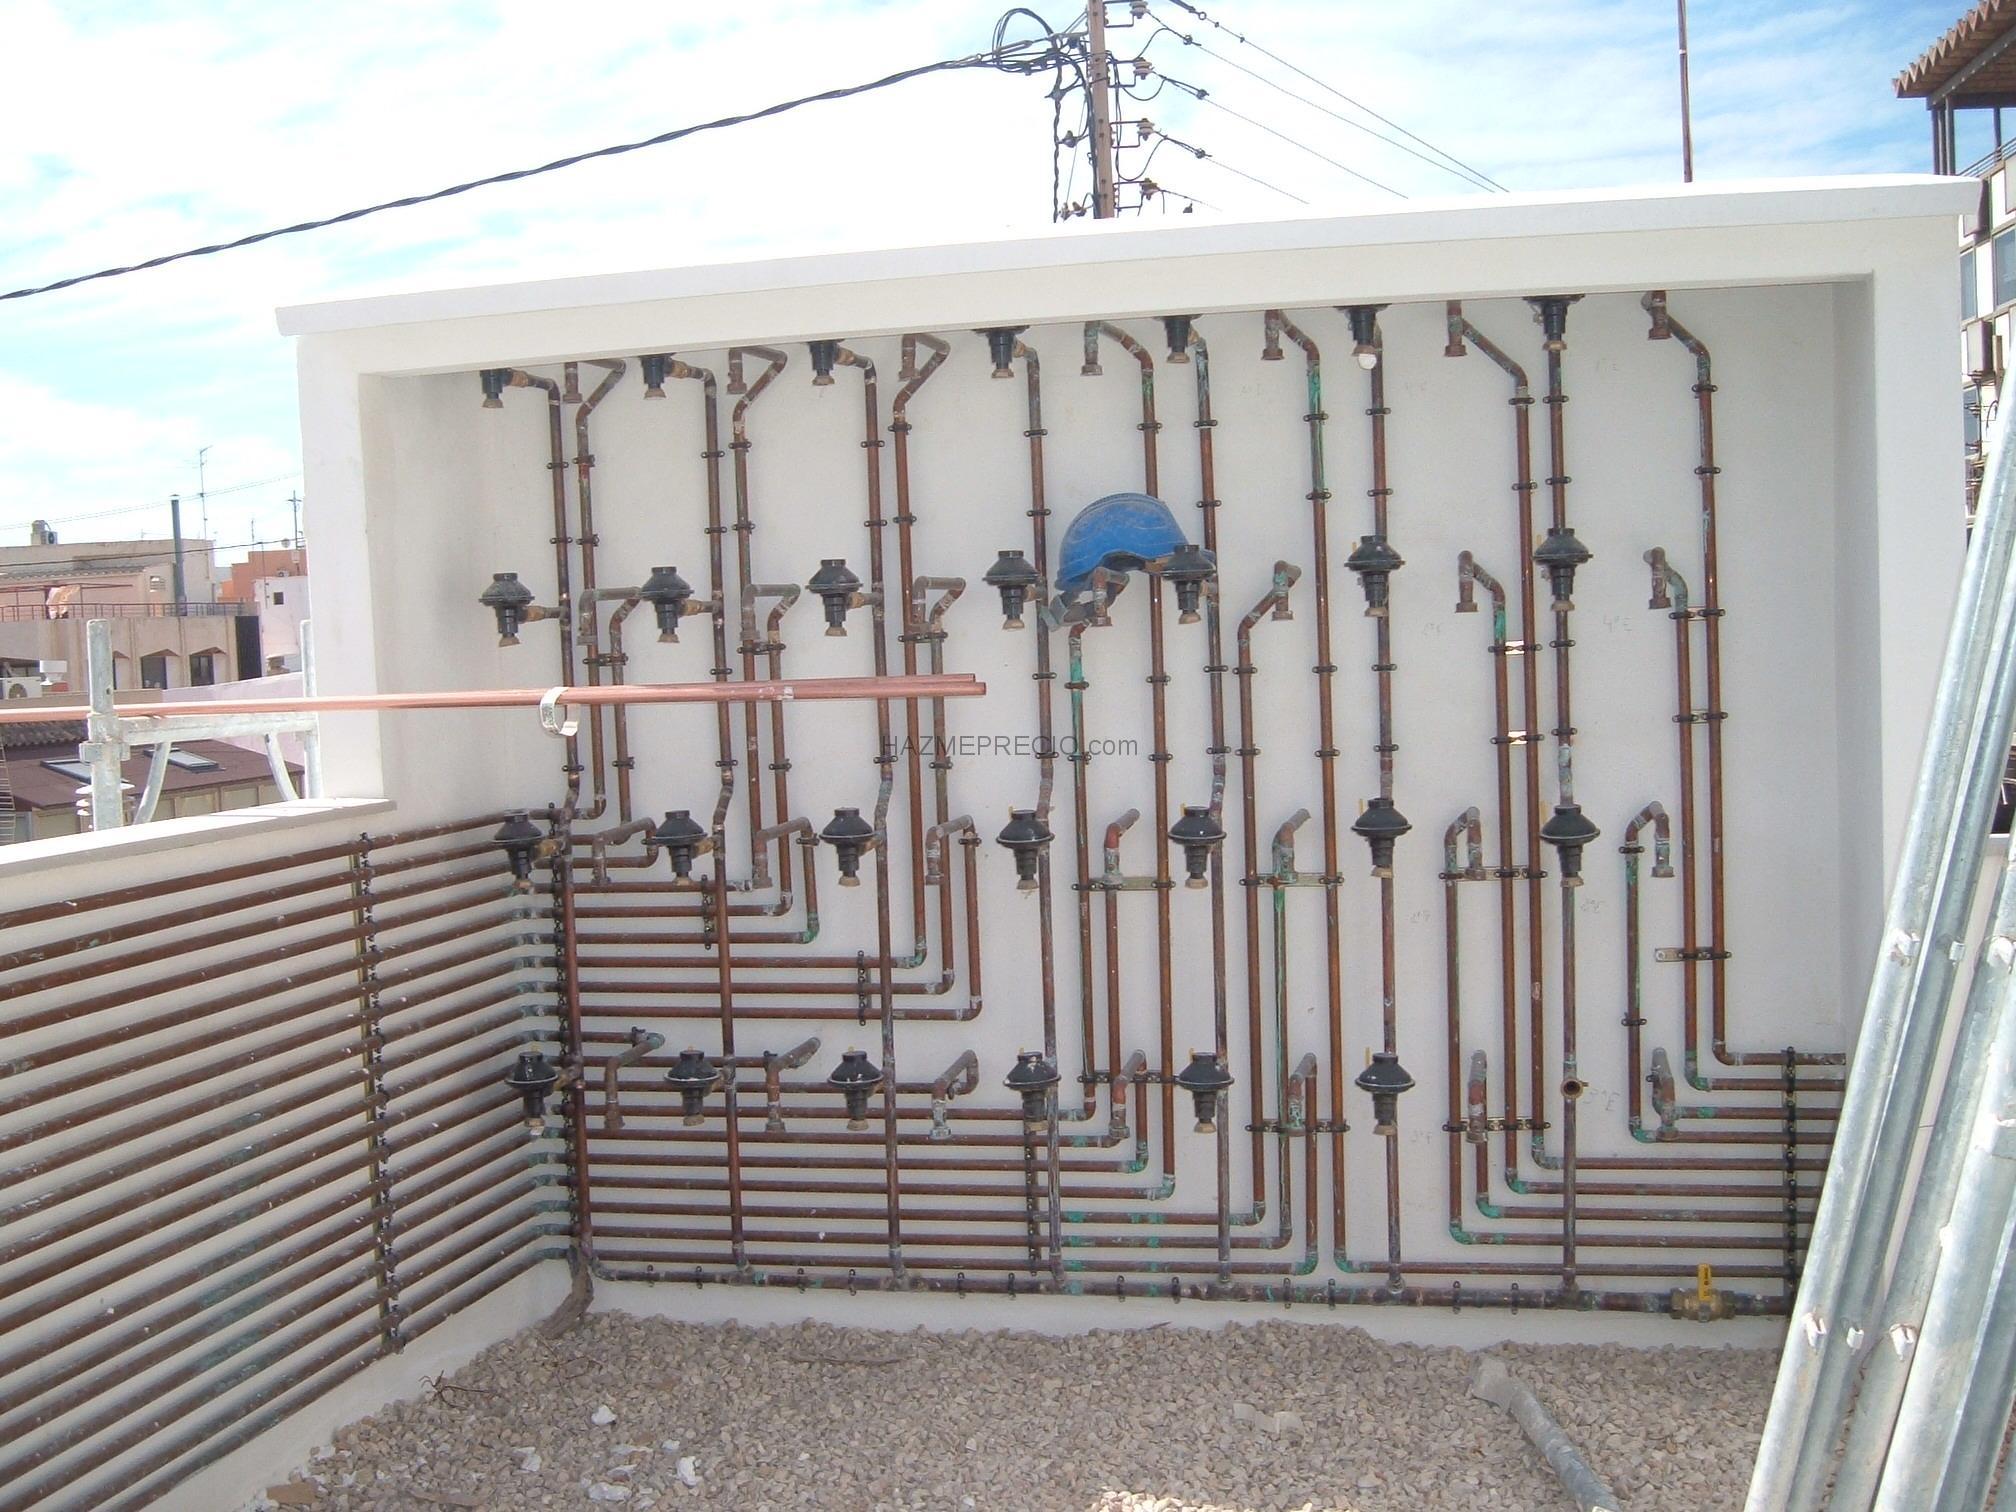 Empresas de electricidad en alicante - Oficina iberdrola alicante ...